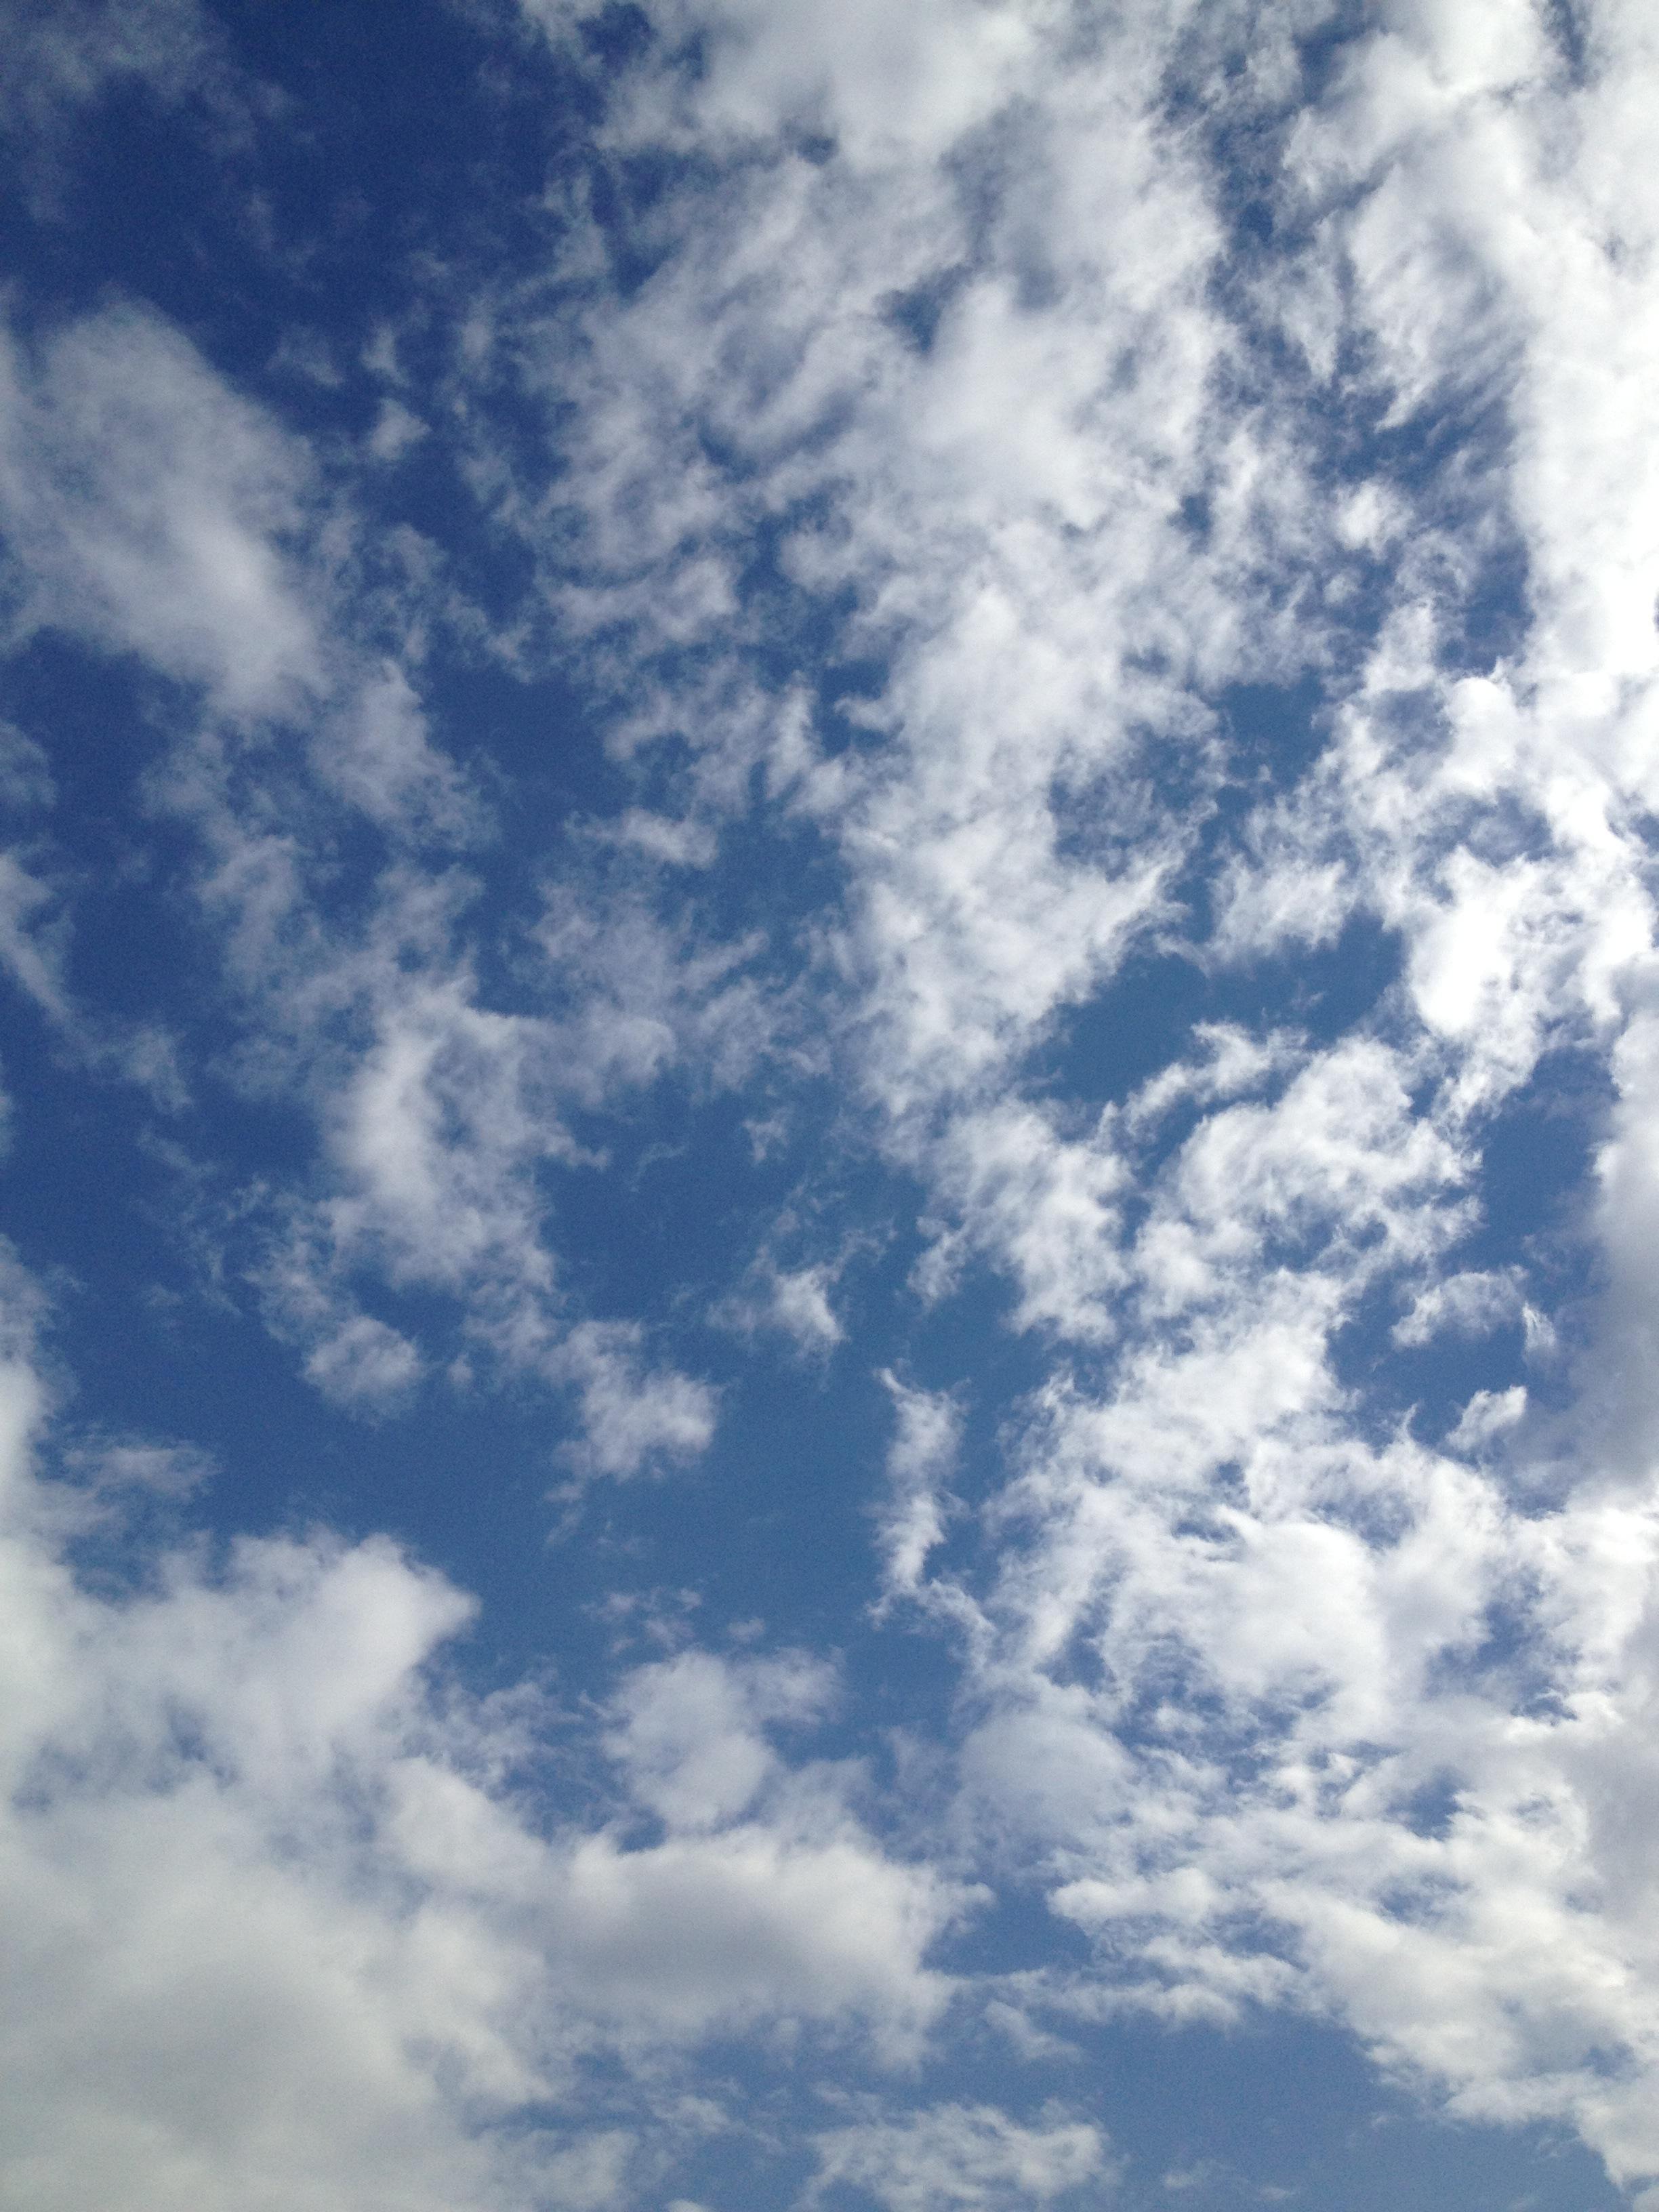 青空にまばらな雲